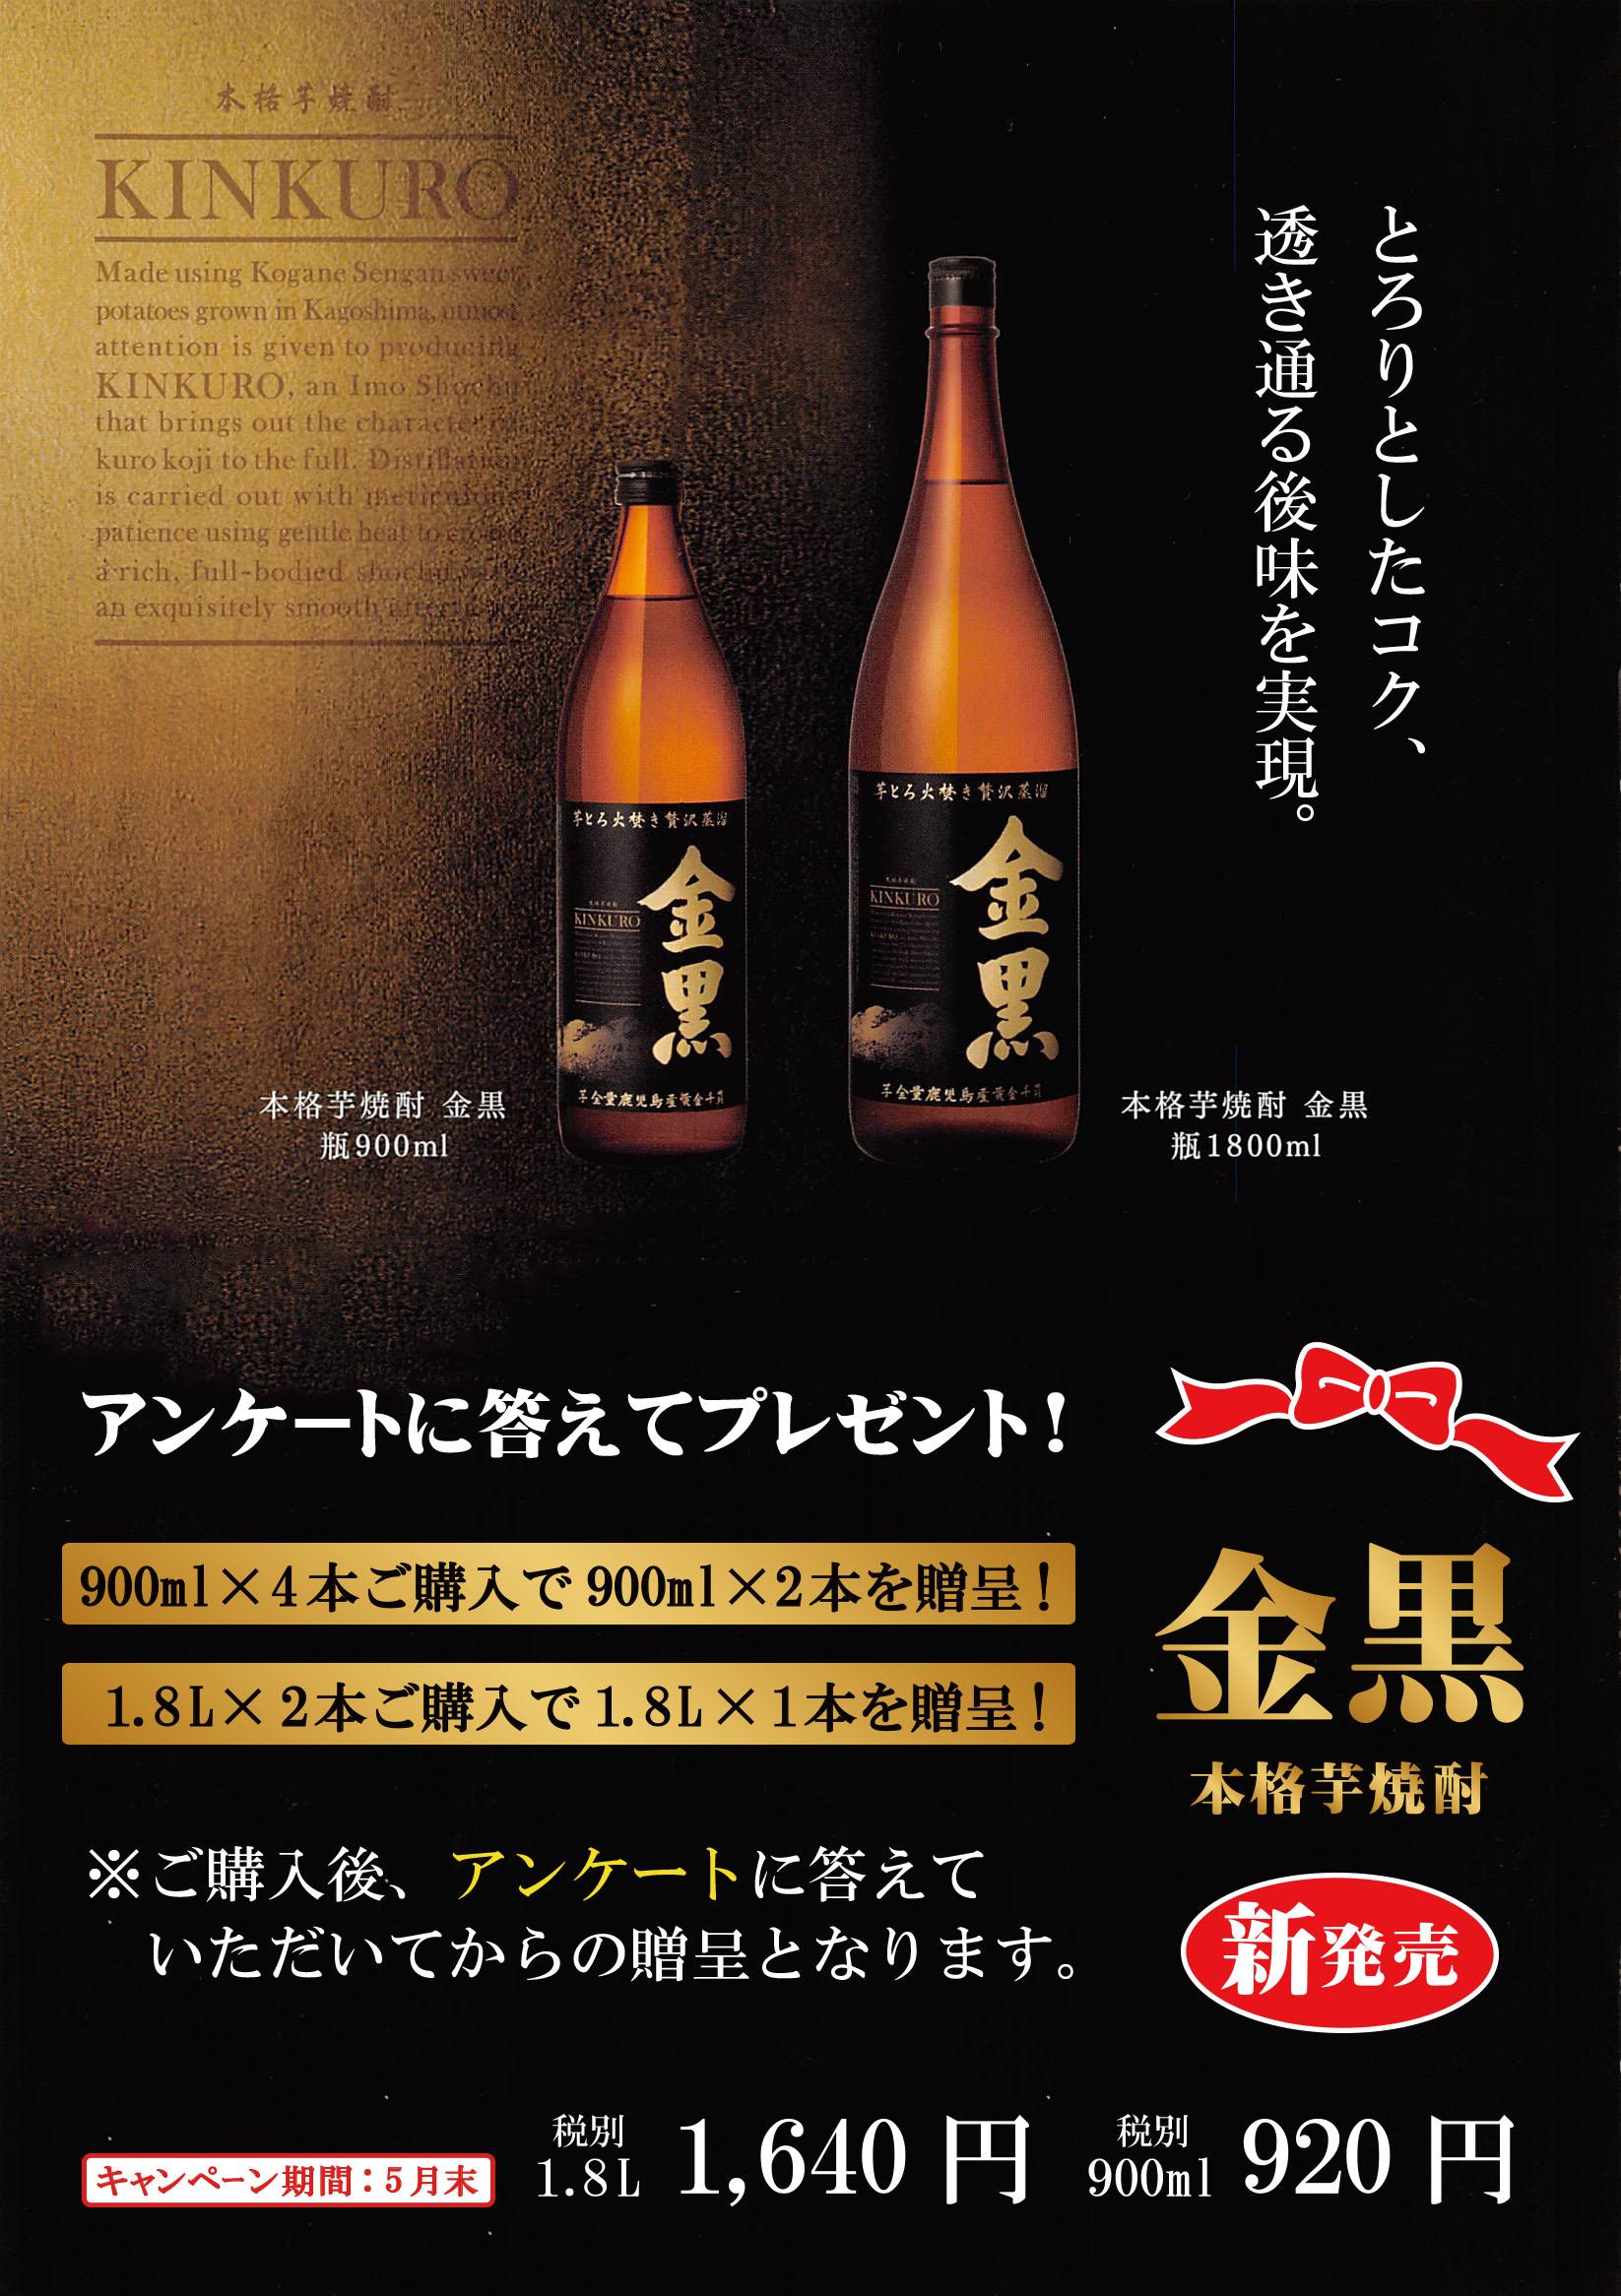 本格芋焼酎「金黒」キャンペーン